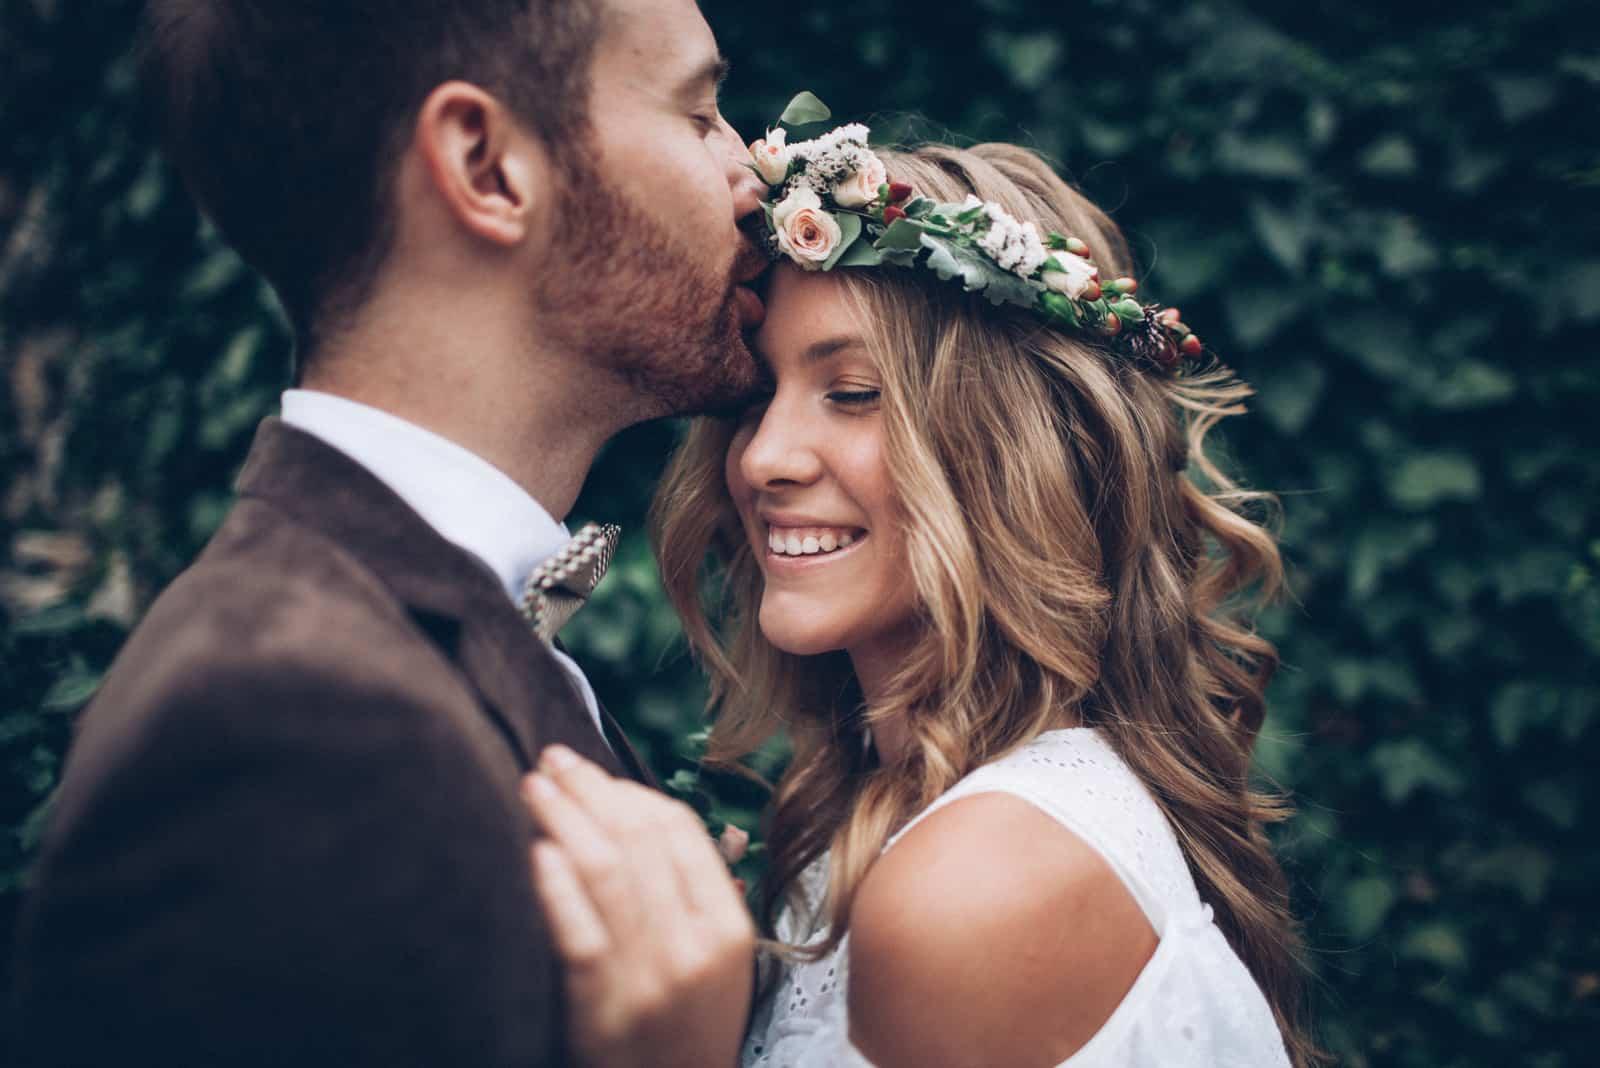 Erstaunlich lächelndes Hochzeitspaar